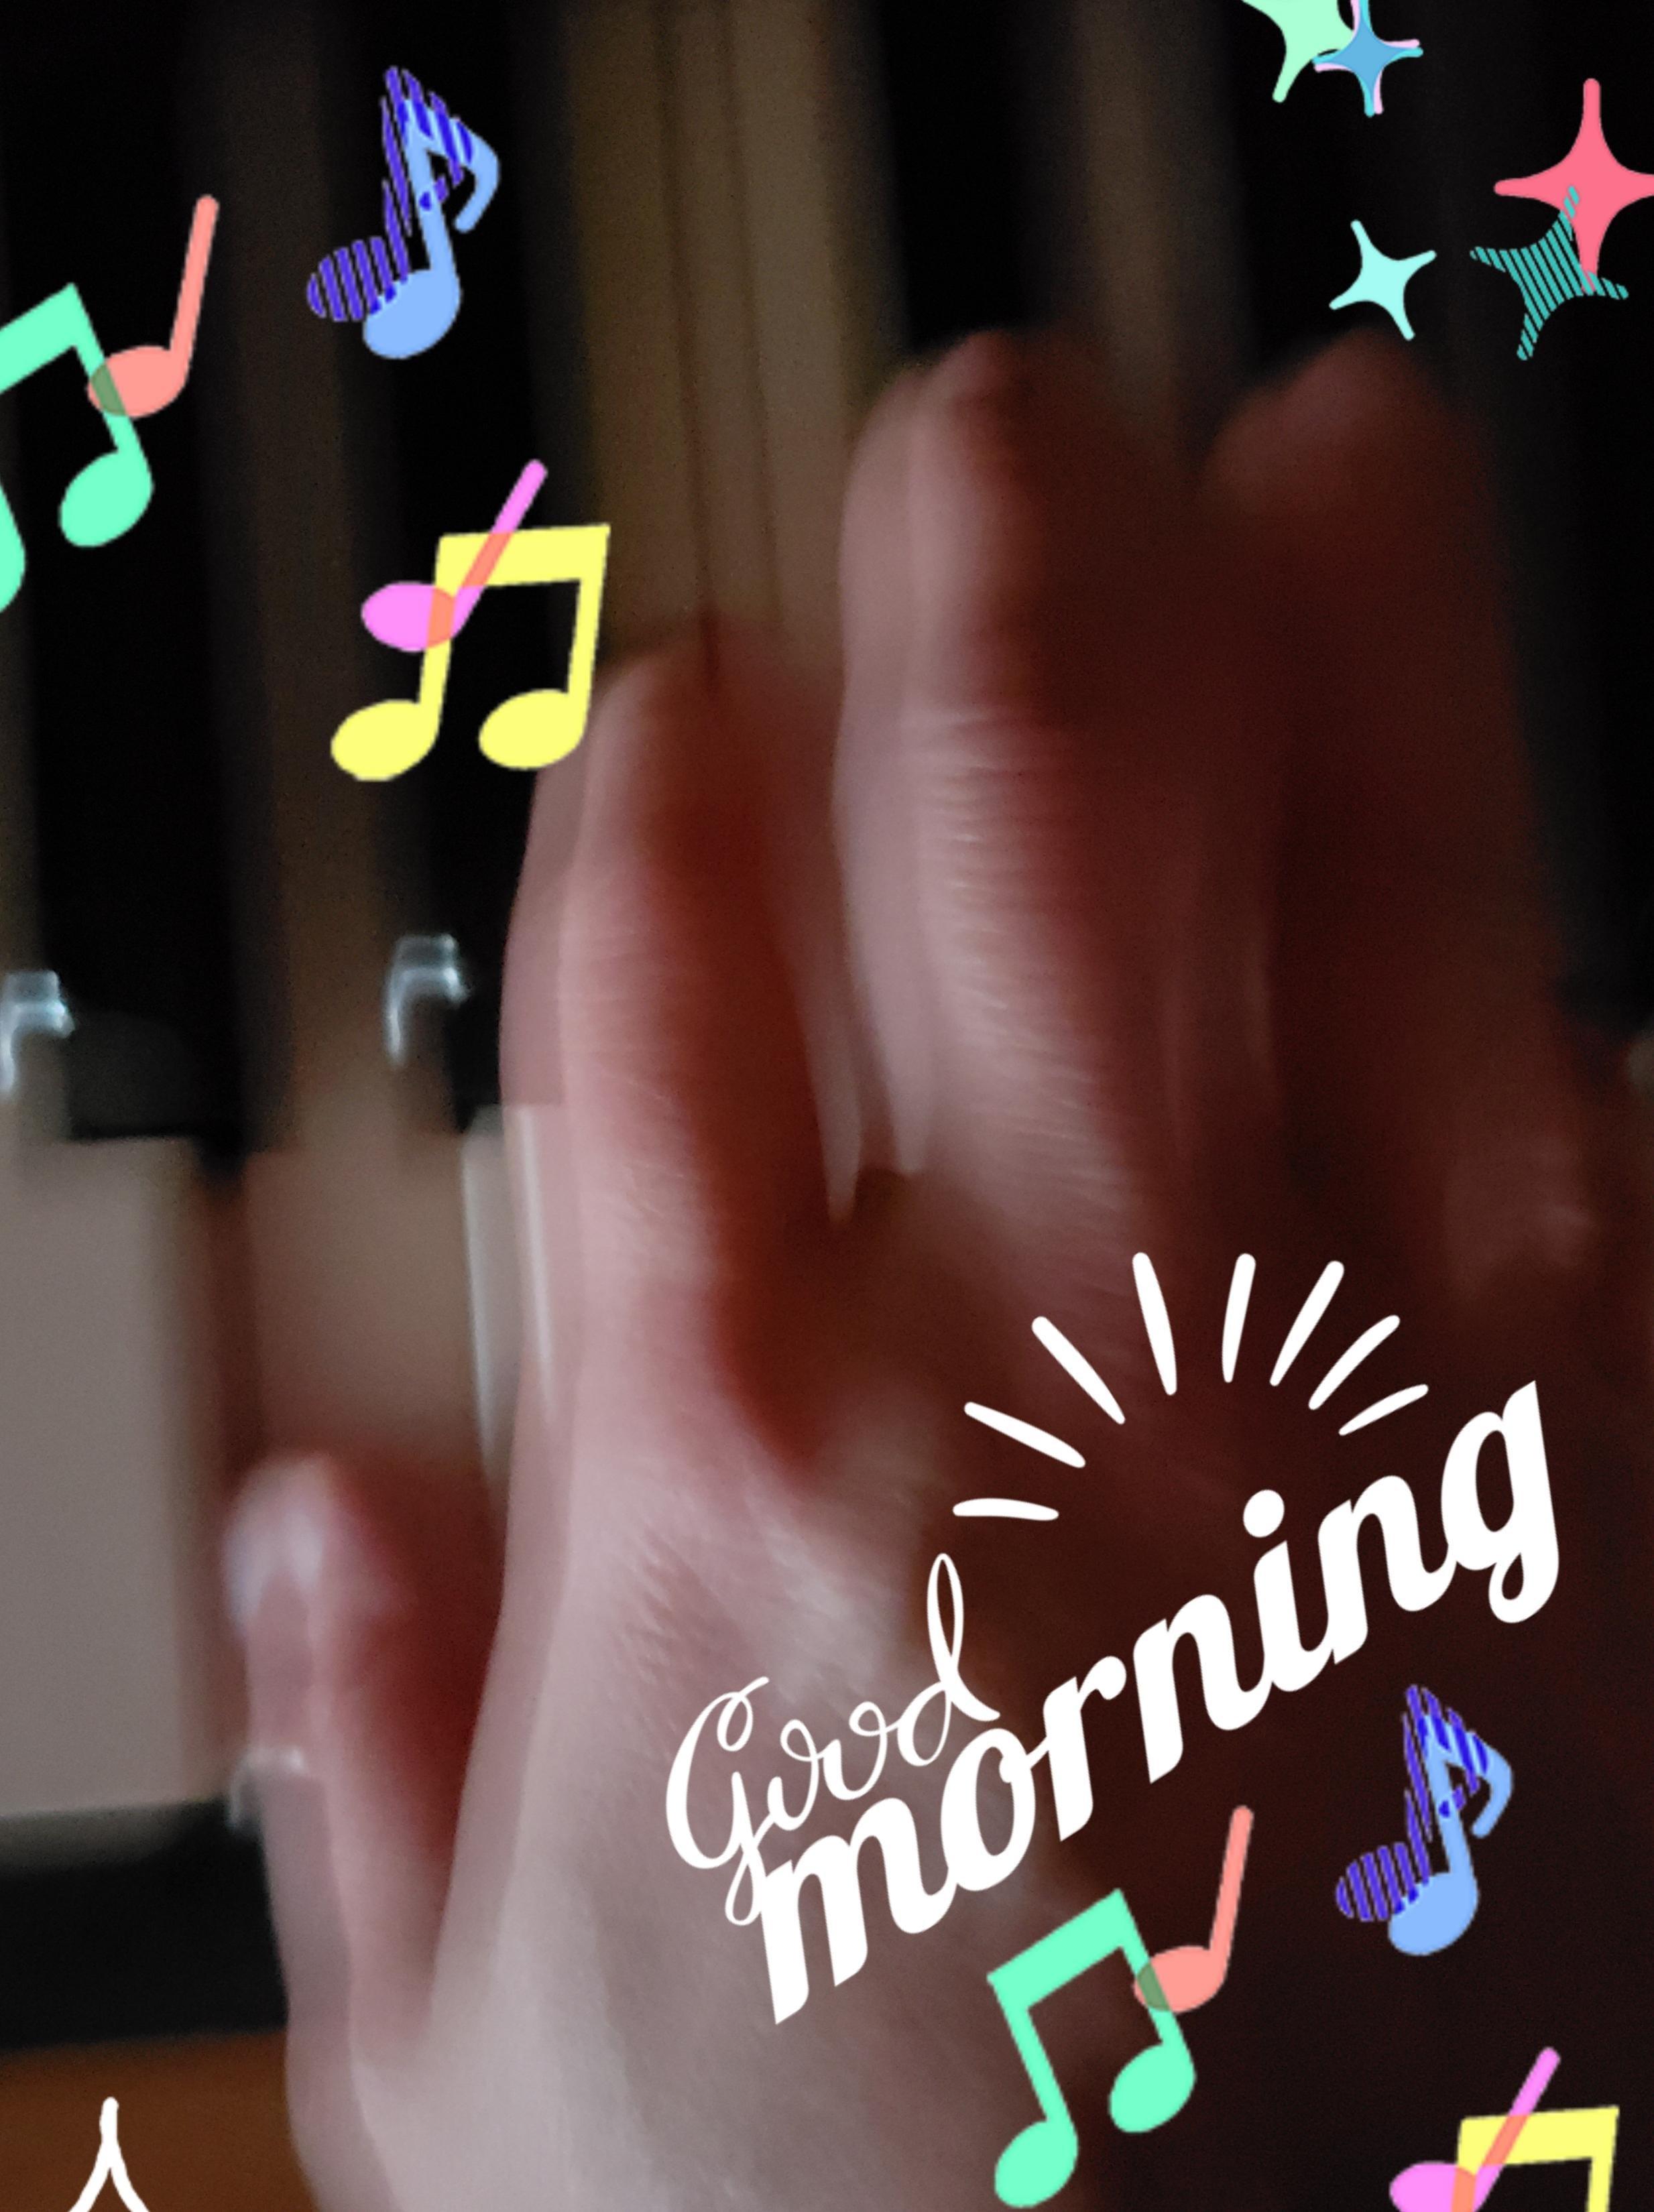 「ご予約ありがとうございます(^_-)」12/16(日) 11:17 | みつの写メ・風俗動画